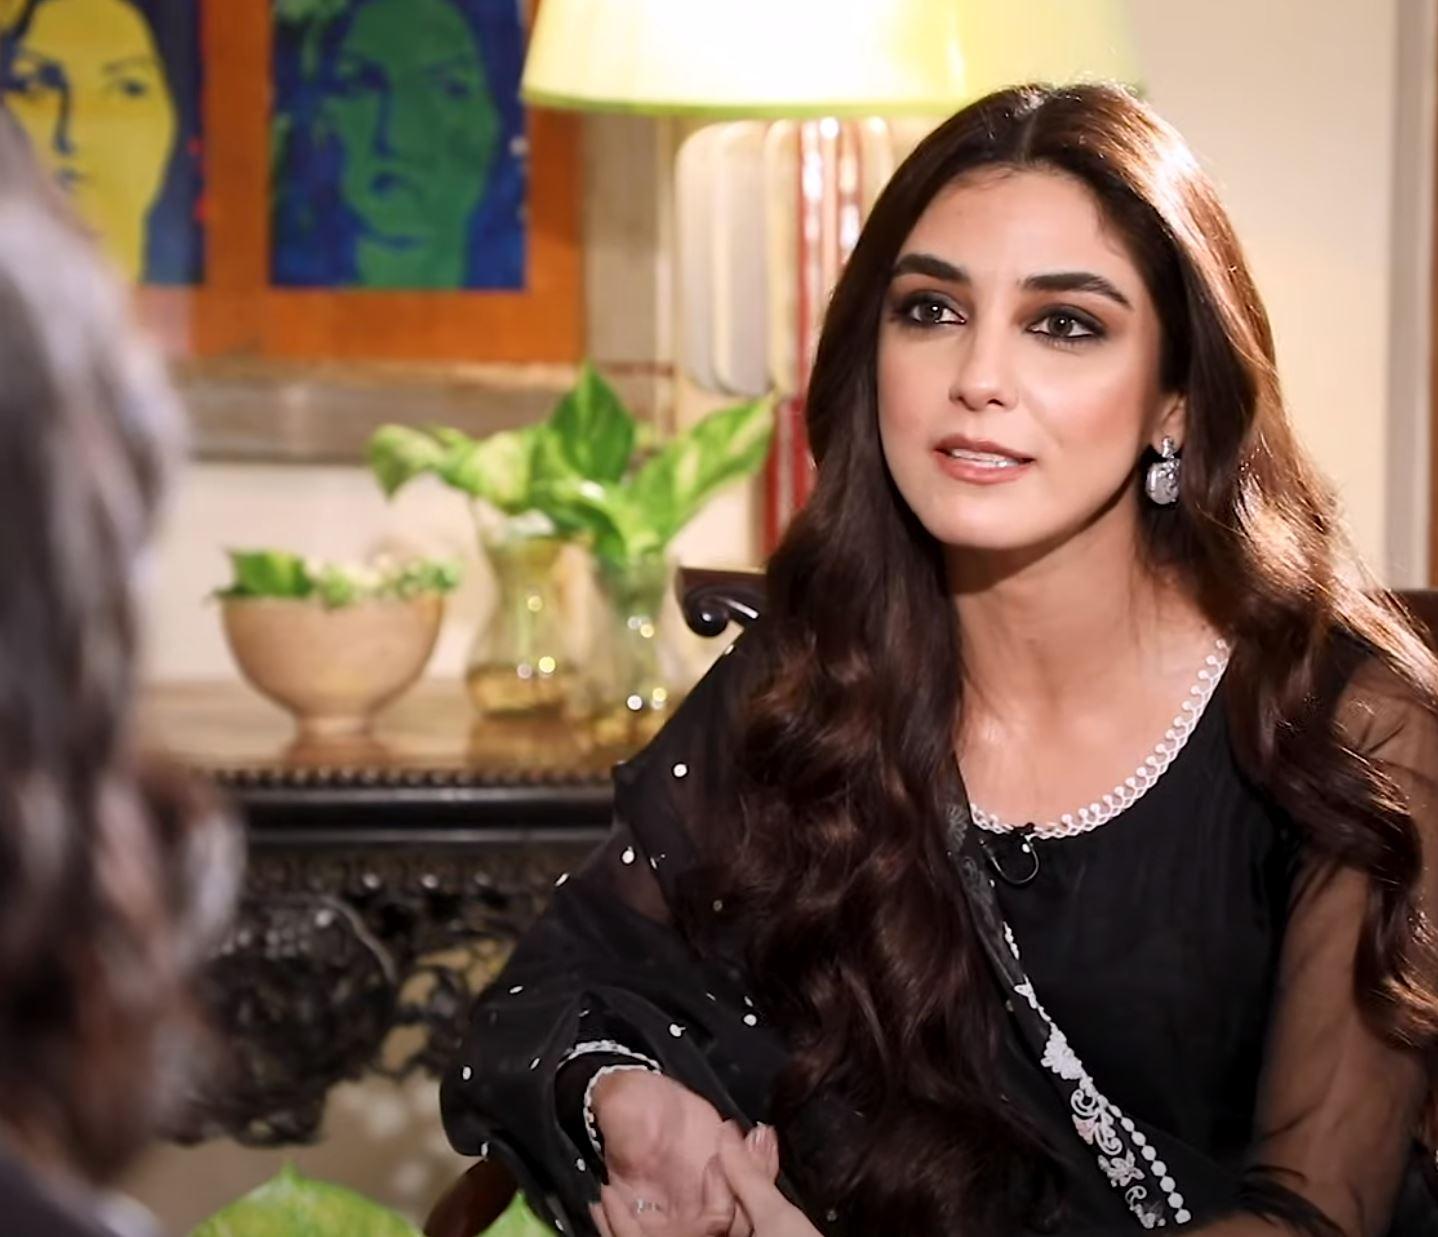 Maya Ali opens up about Shehryar Munawar and Mental Health